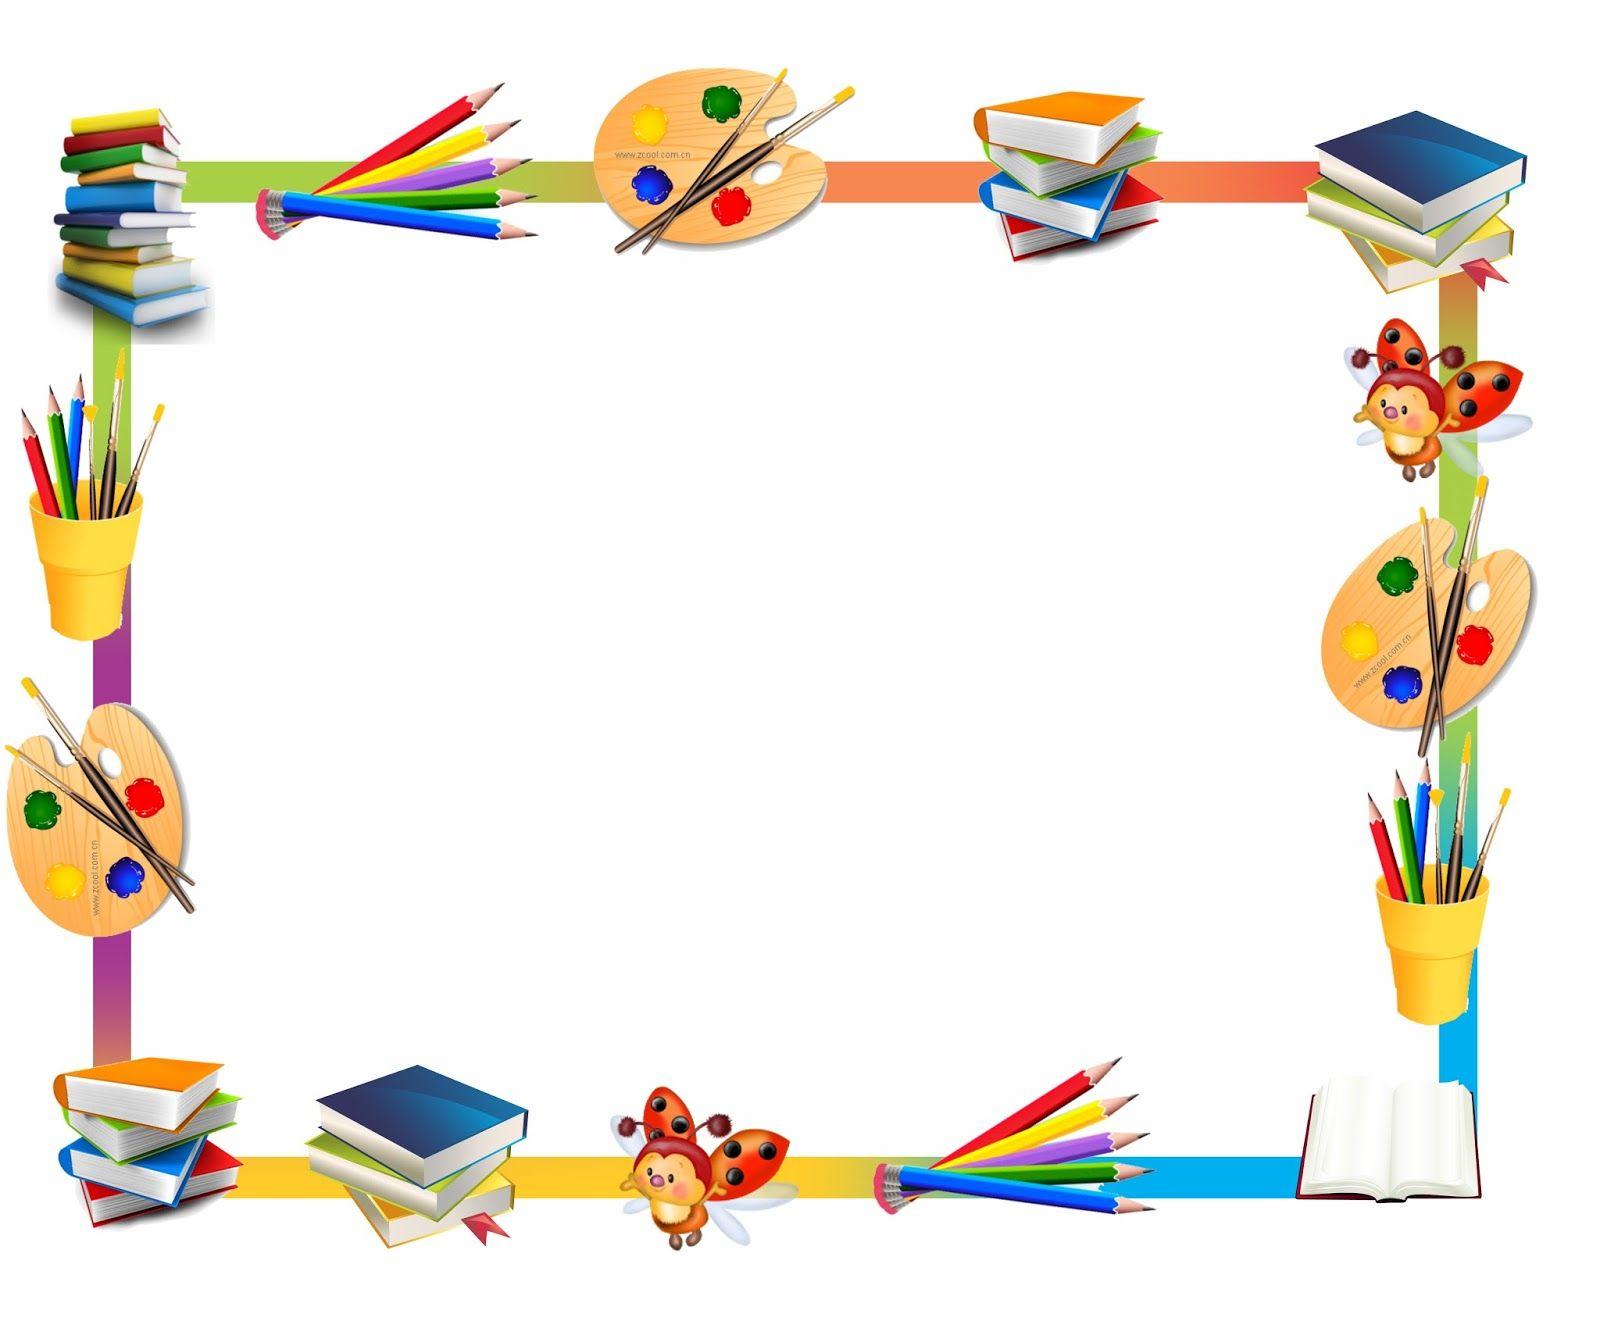 Borde escuela | me gusta | Pinterest | Preescolar, Escolares y Marcos